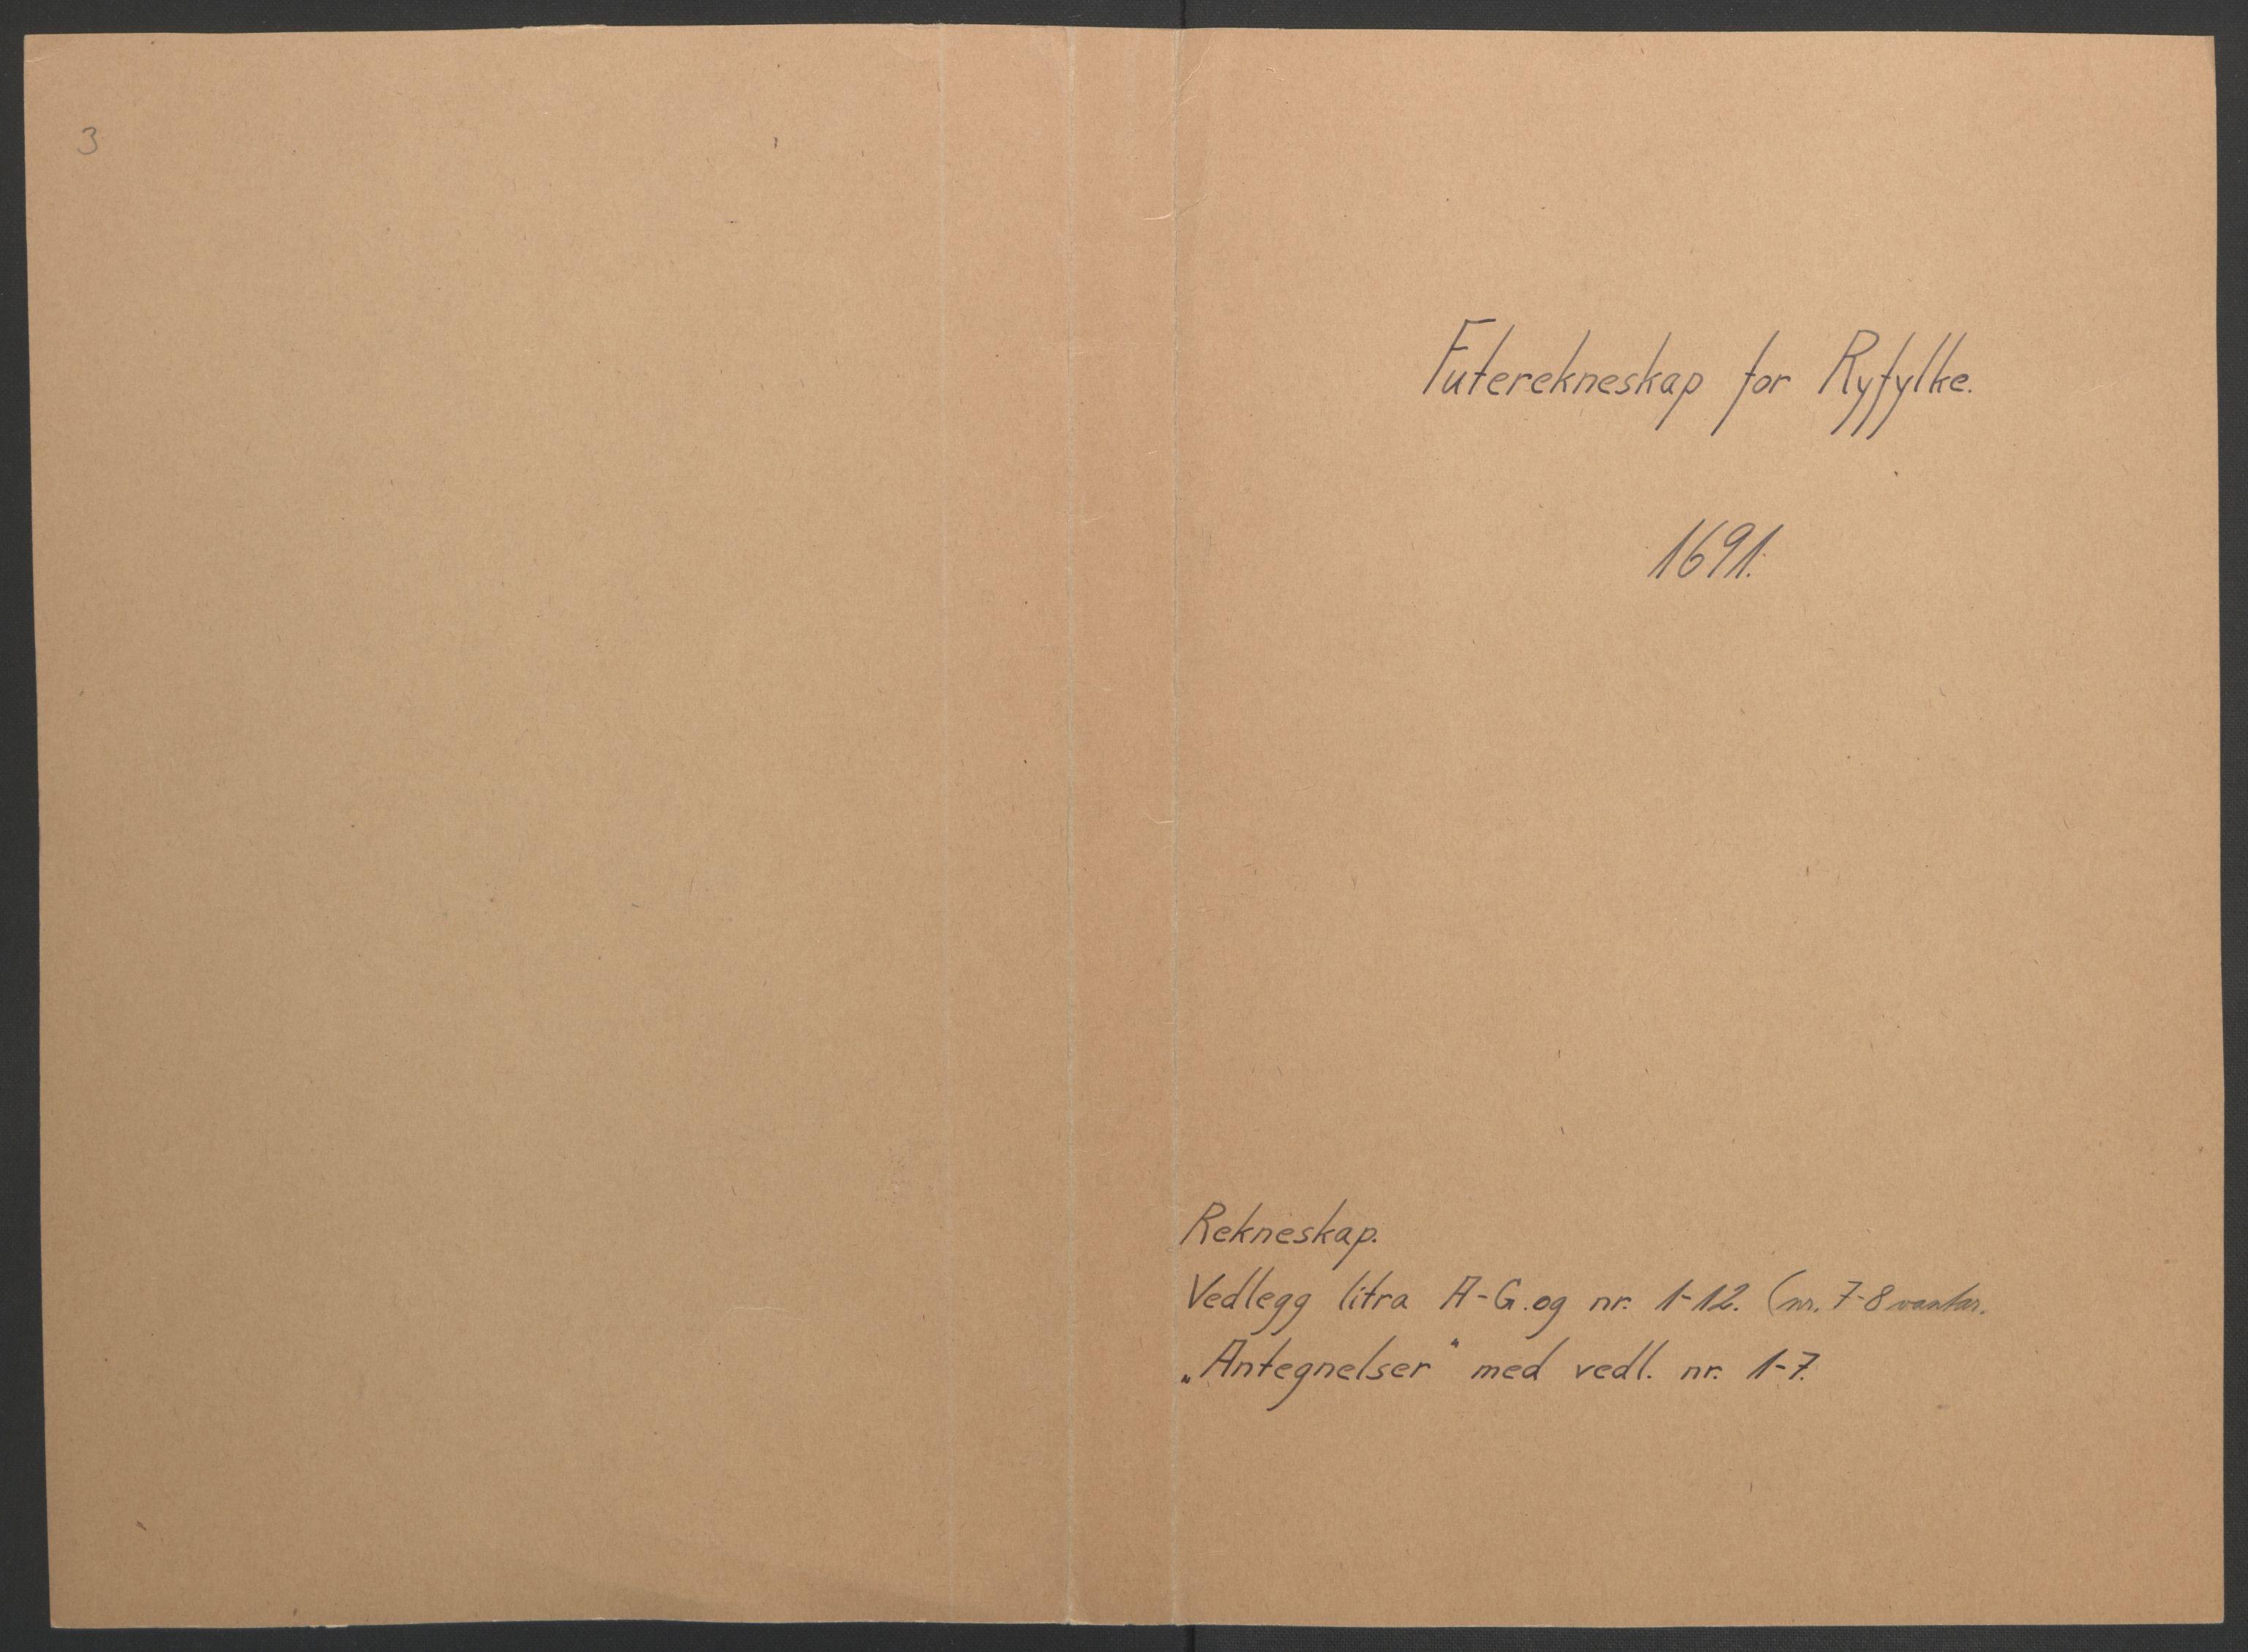 RA, Rentekammeret inntil 1814, Reviderte regnskaper, Fogderegnskap, R47/L2856: Fogderegnskap Ryfylke, 1689-1693, s. 317